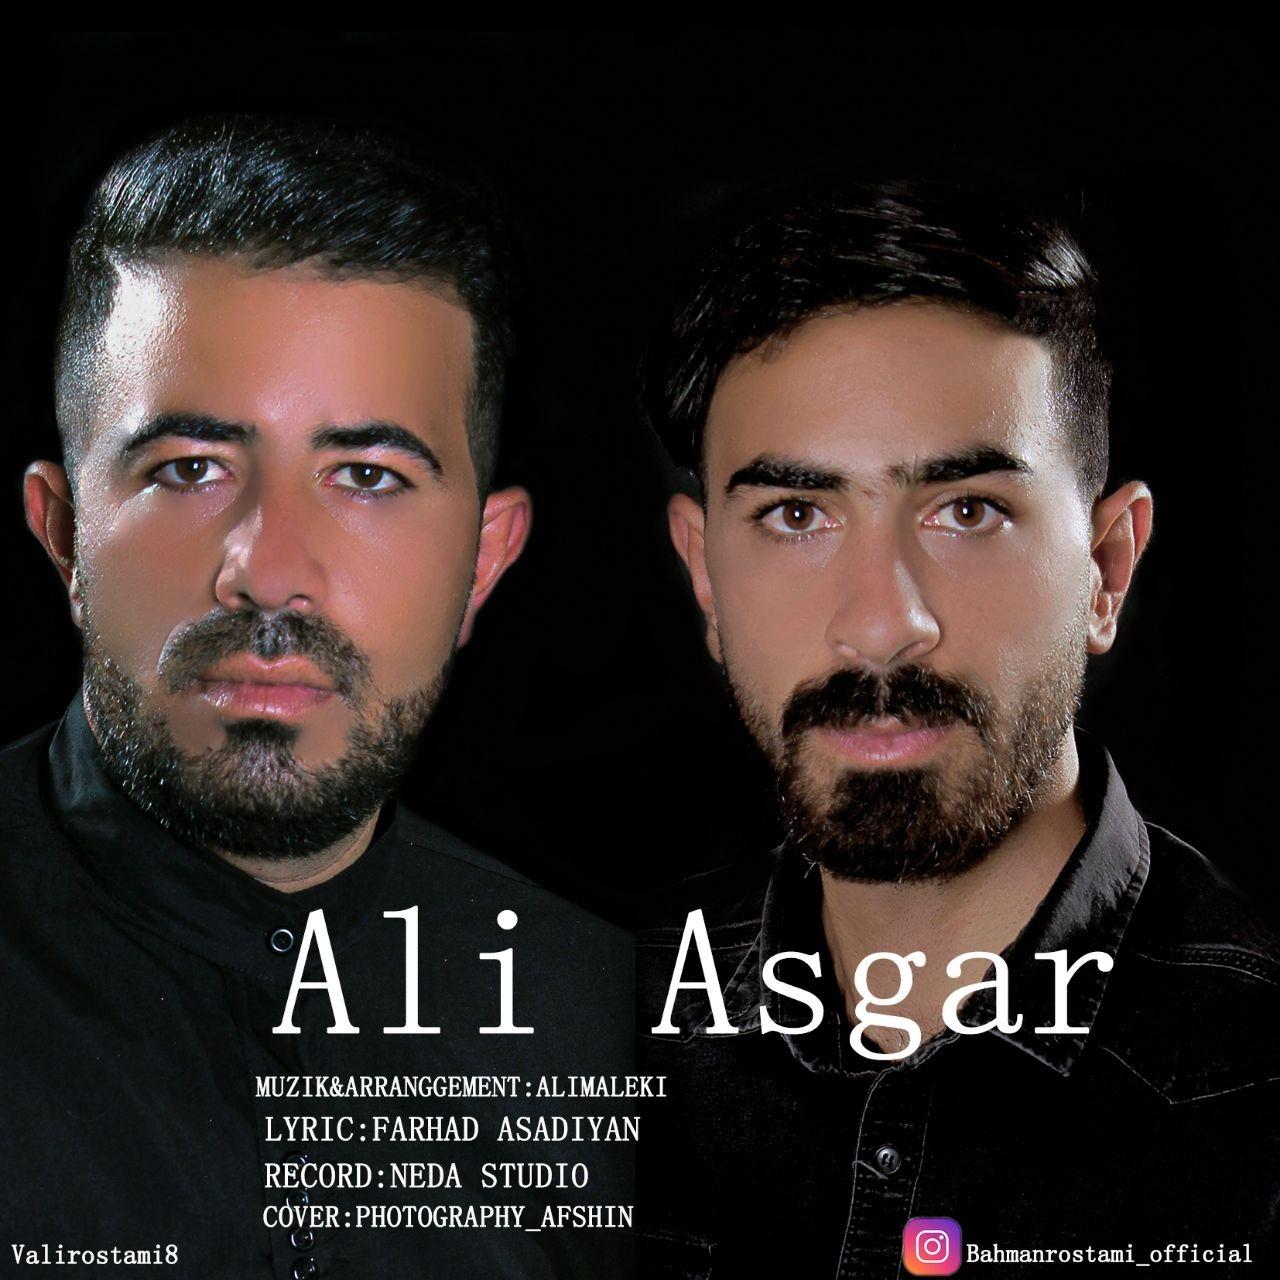 http://s11.picofile.com/file/8407020926/05Bahman_Rostami_Ft_Vali_Rostami_Ali_Asgar.jpg